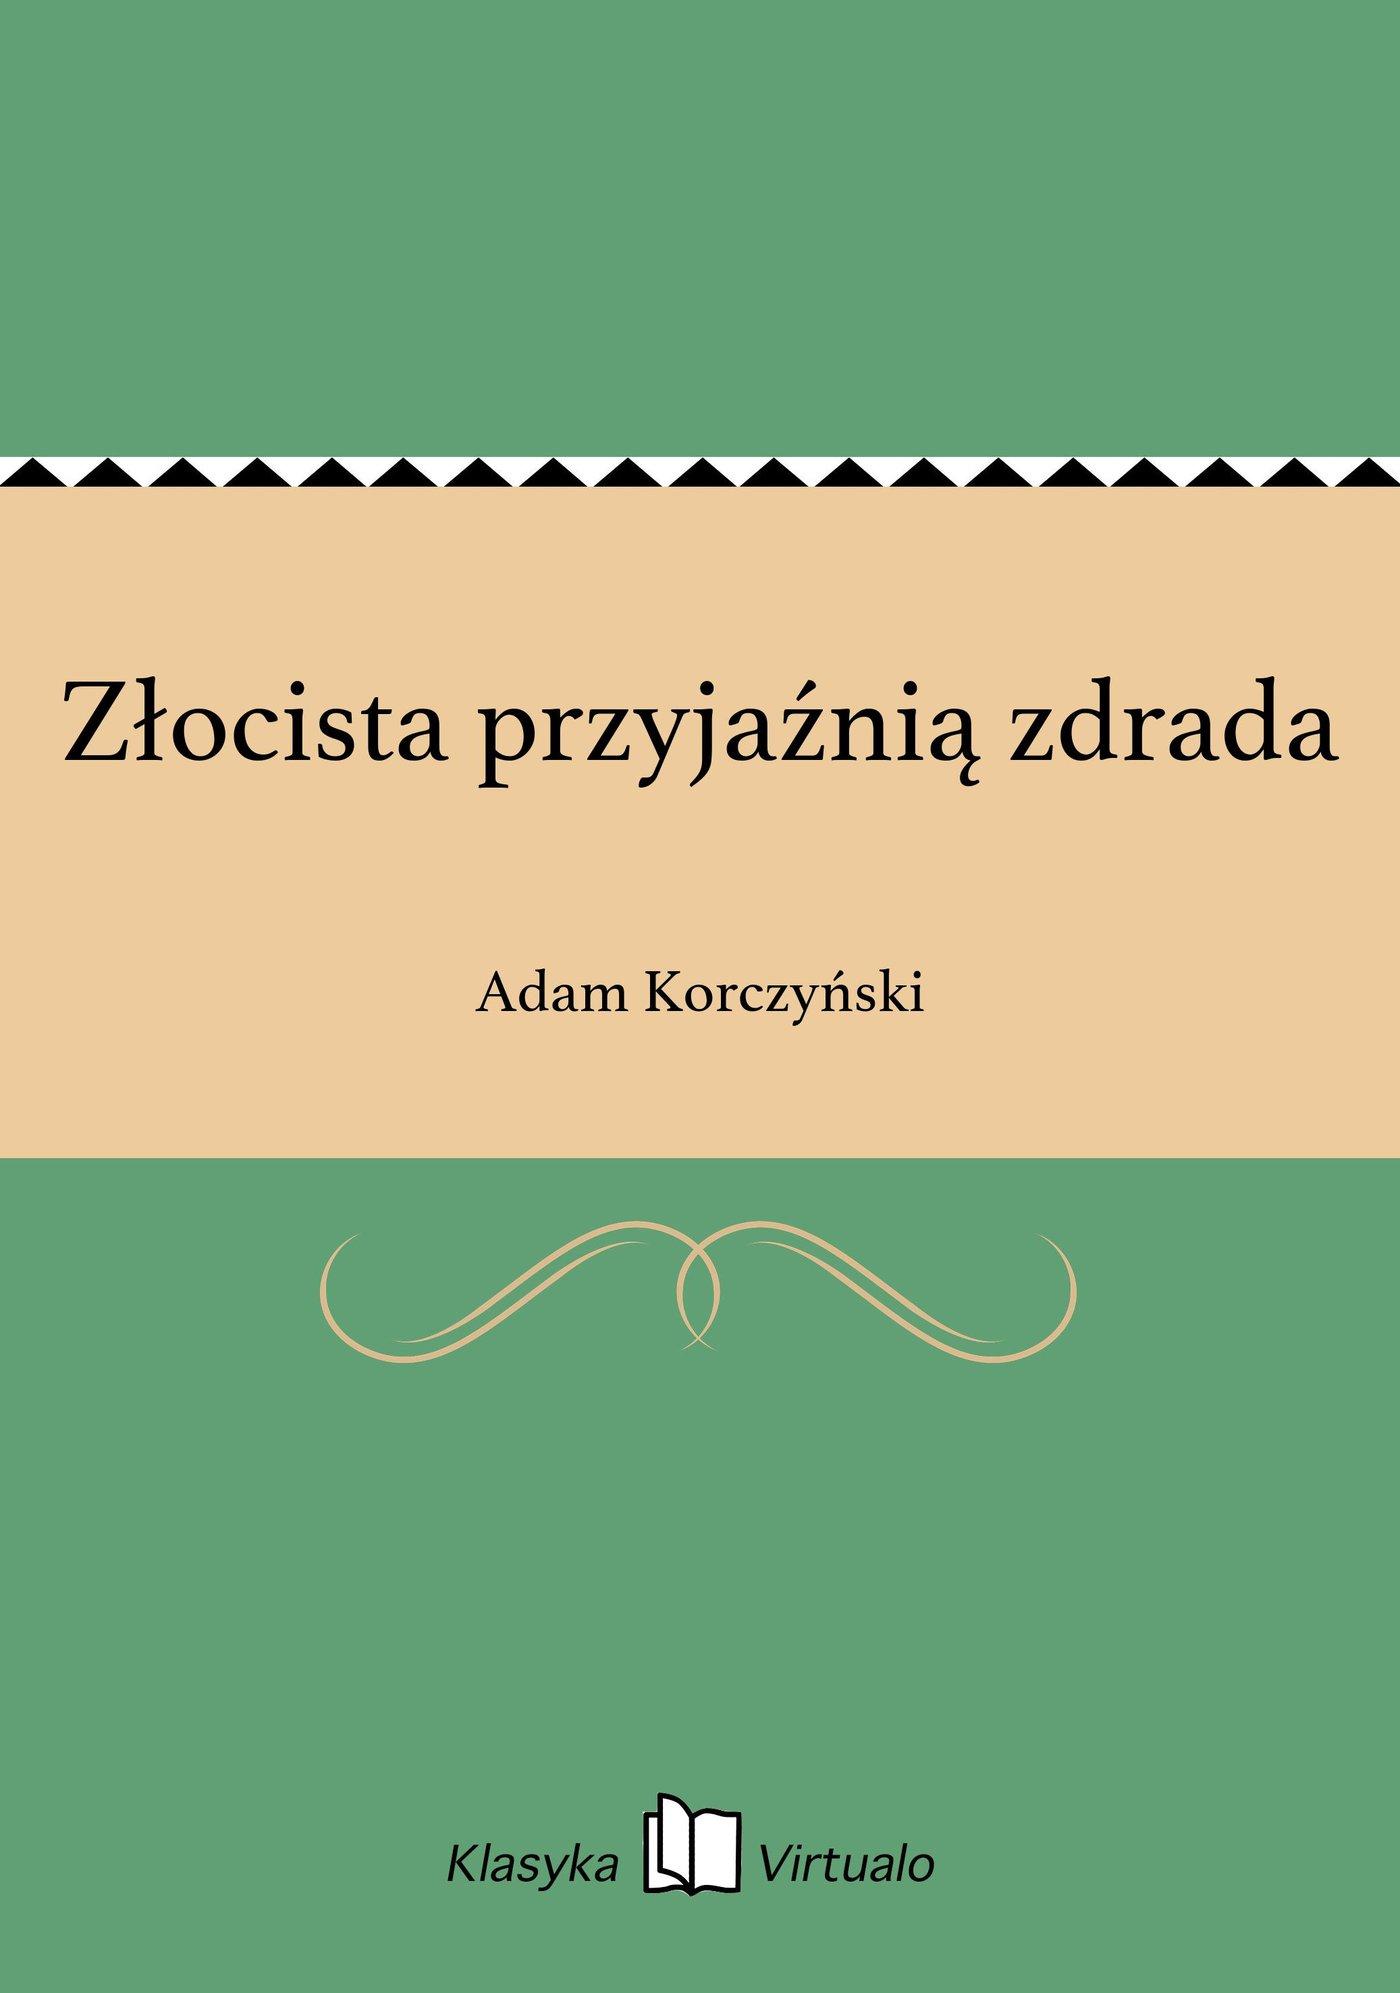 Złocista przyjaźnią zdrada - Ebook (Książka EPUB) do pobrania w formacie EPUB